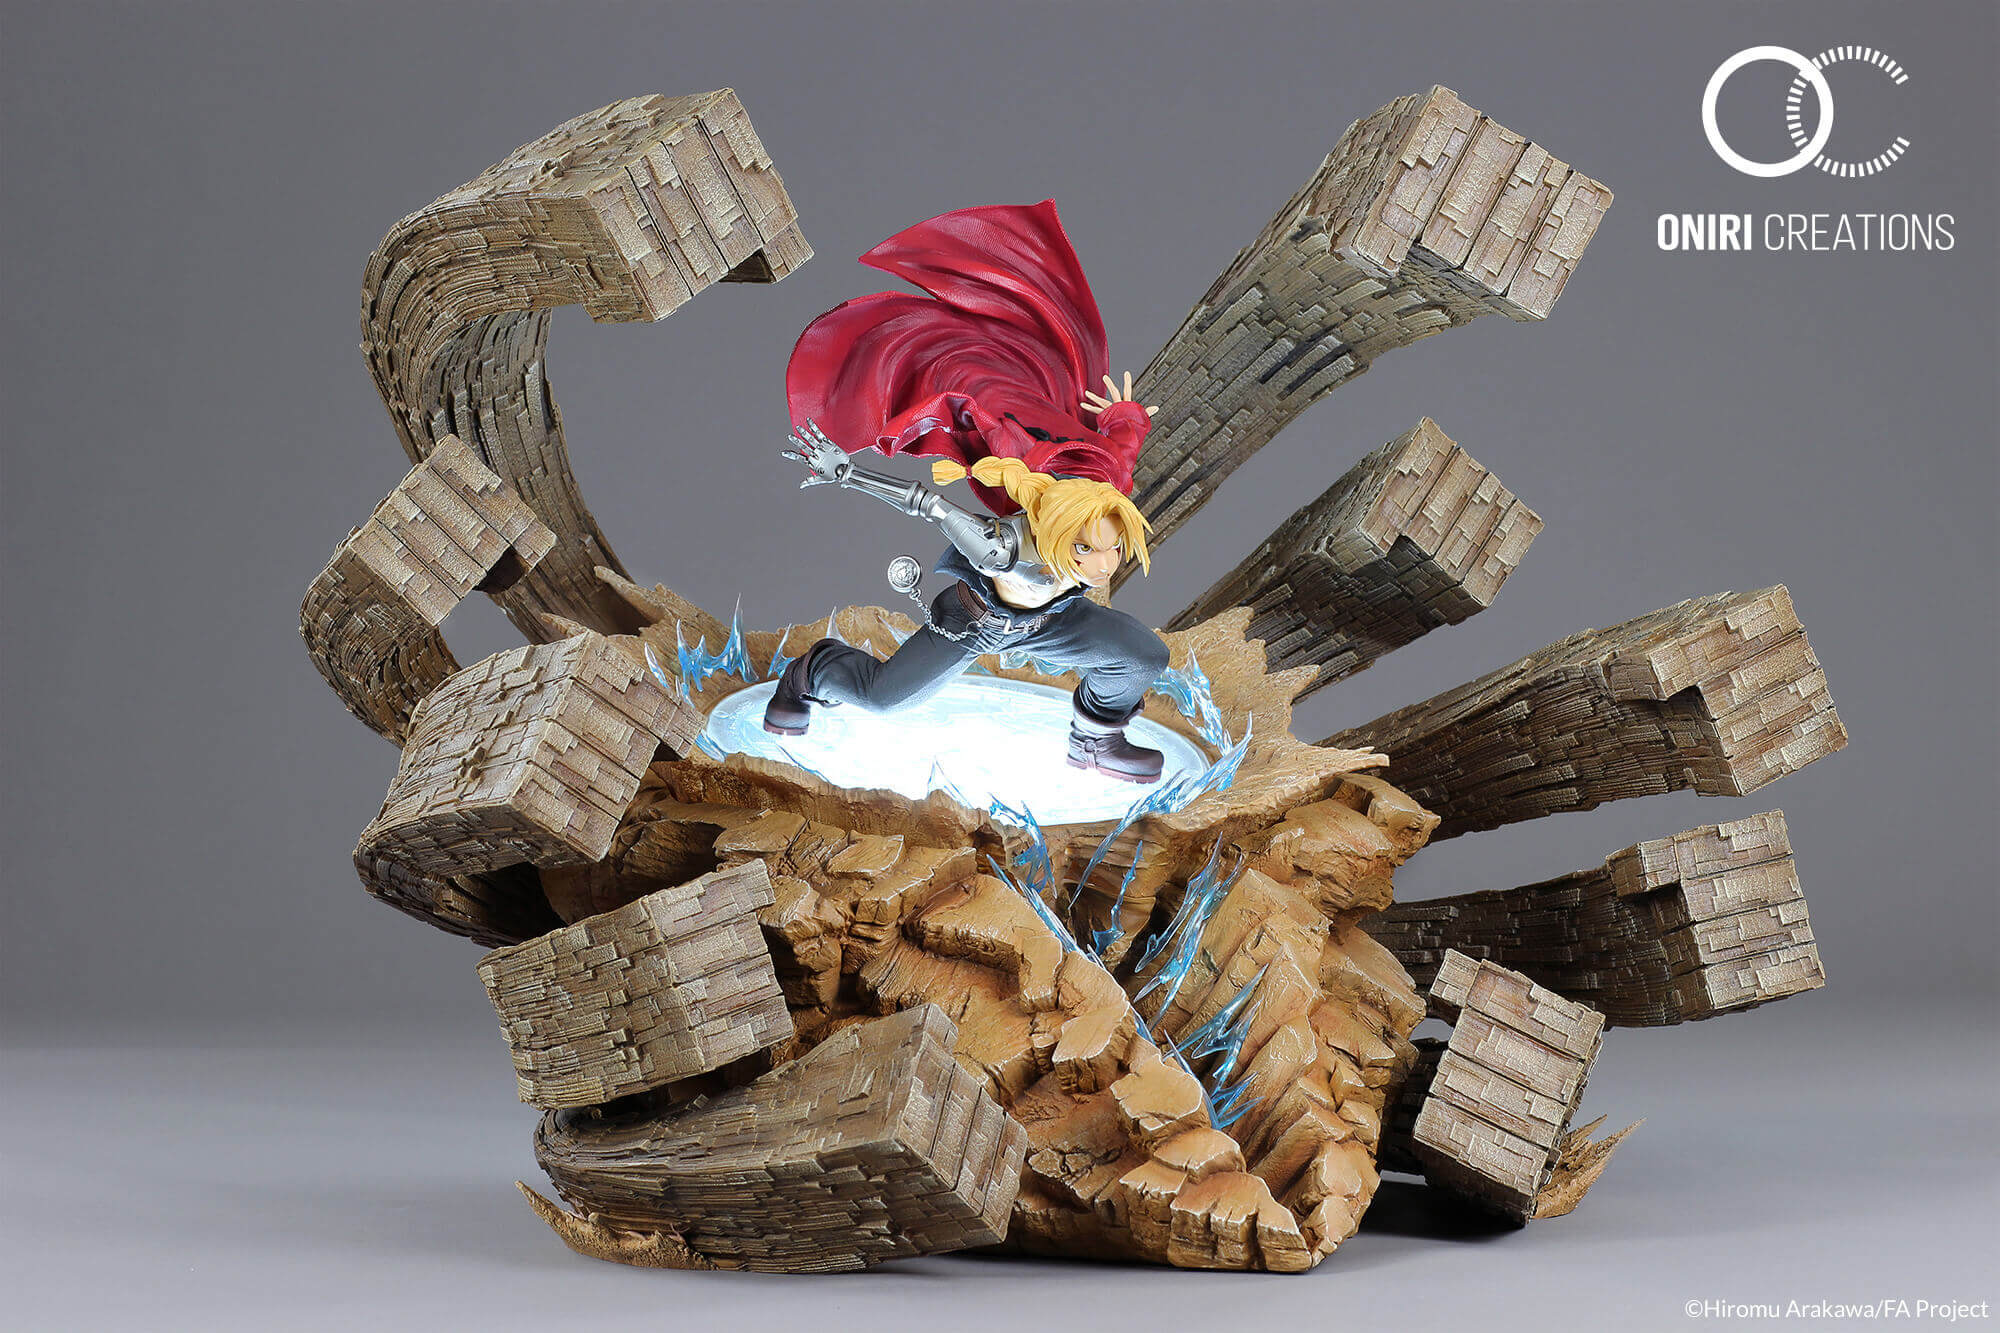 Statue-Fullmetal-Alchimist-Edward-Elric-02.jpg